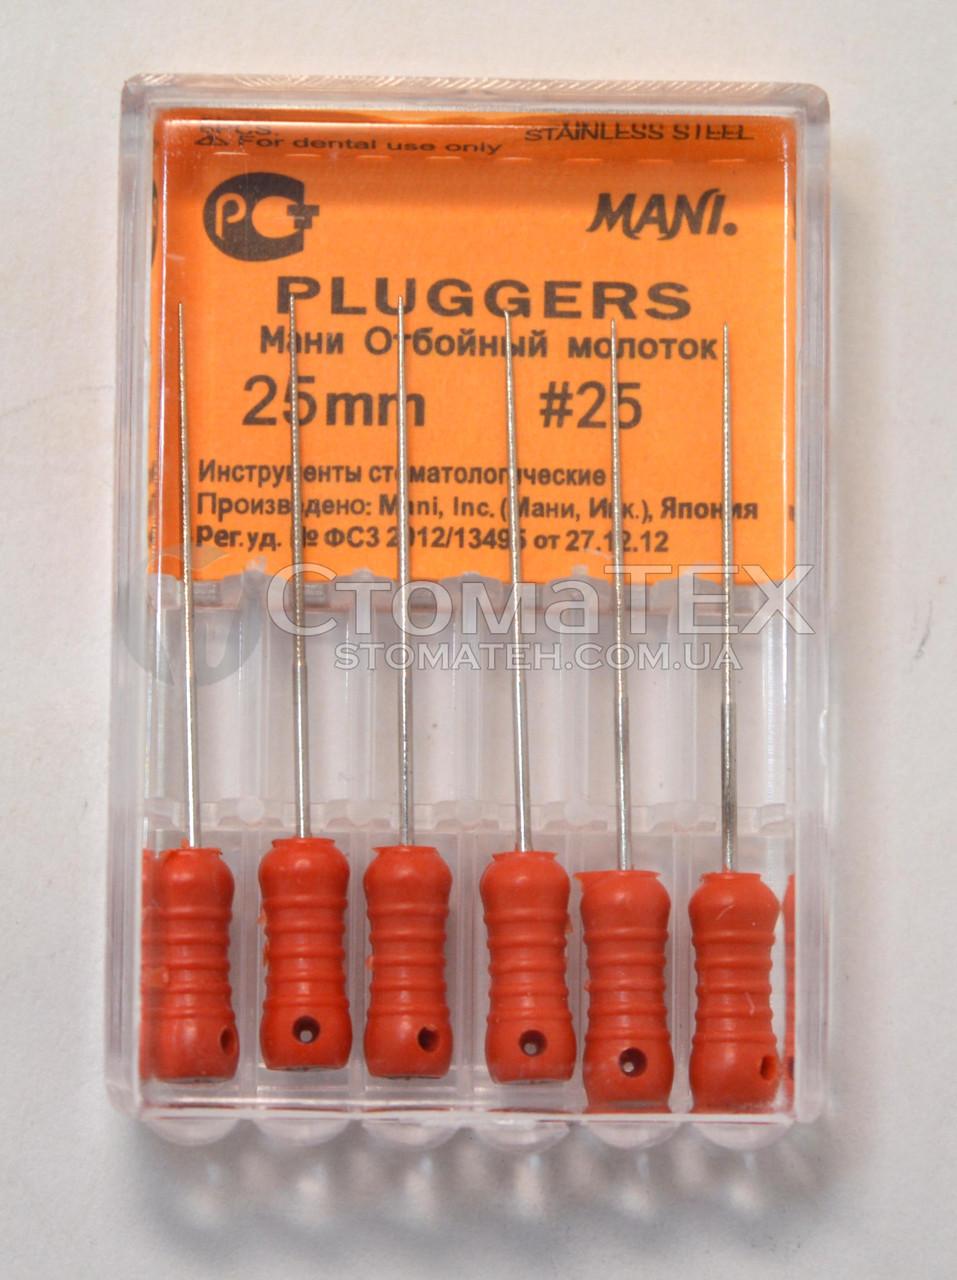 Плаггеры(Pluggers) 25мм, уп.6шт, №25, Mani